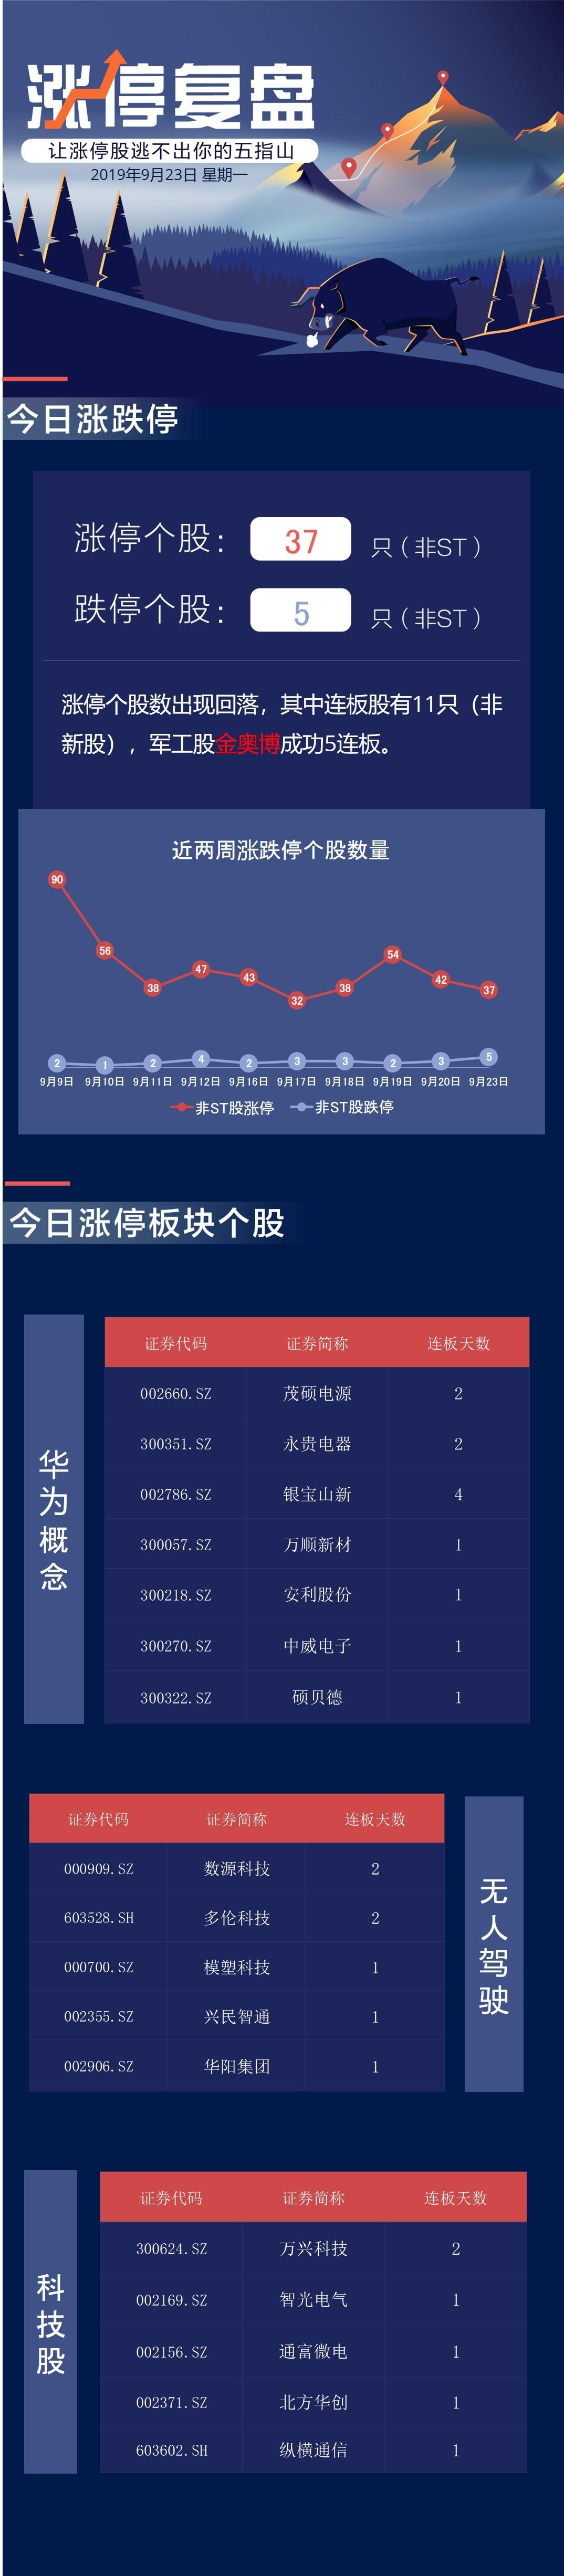 鹏华基金旗下7只基金今年收益超60% 位列公募第一